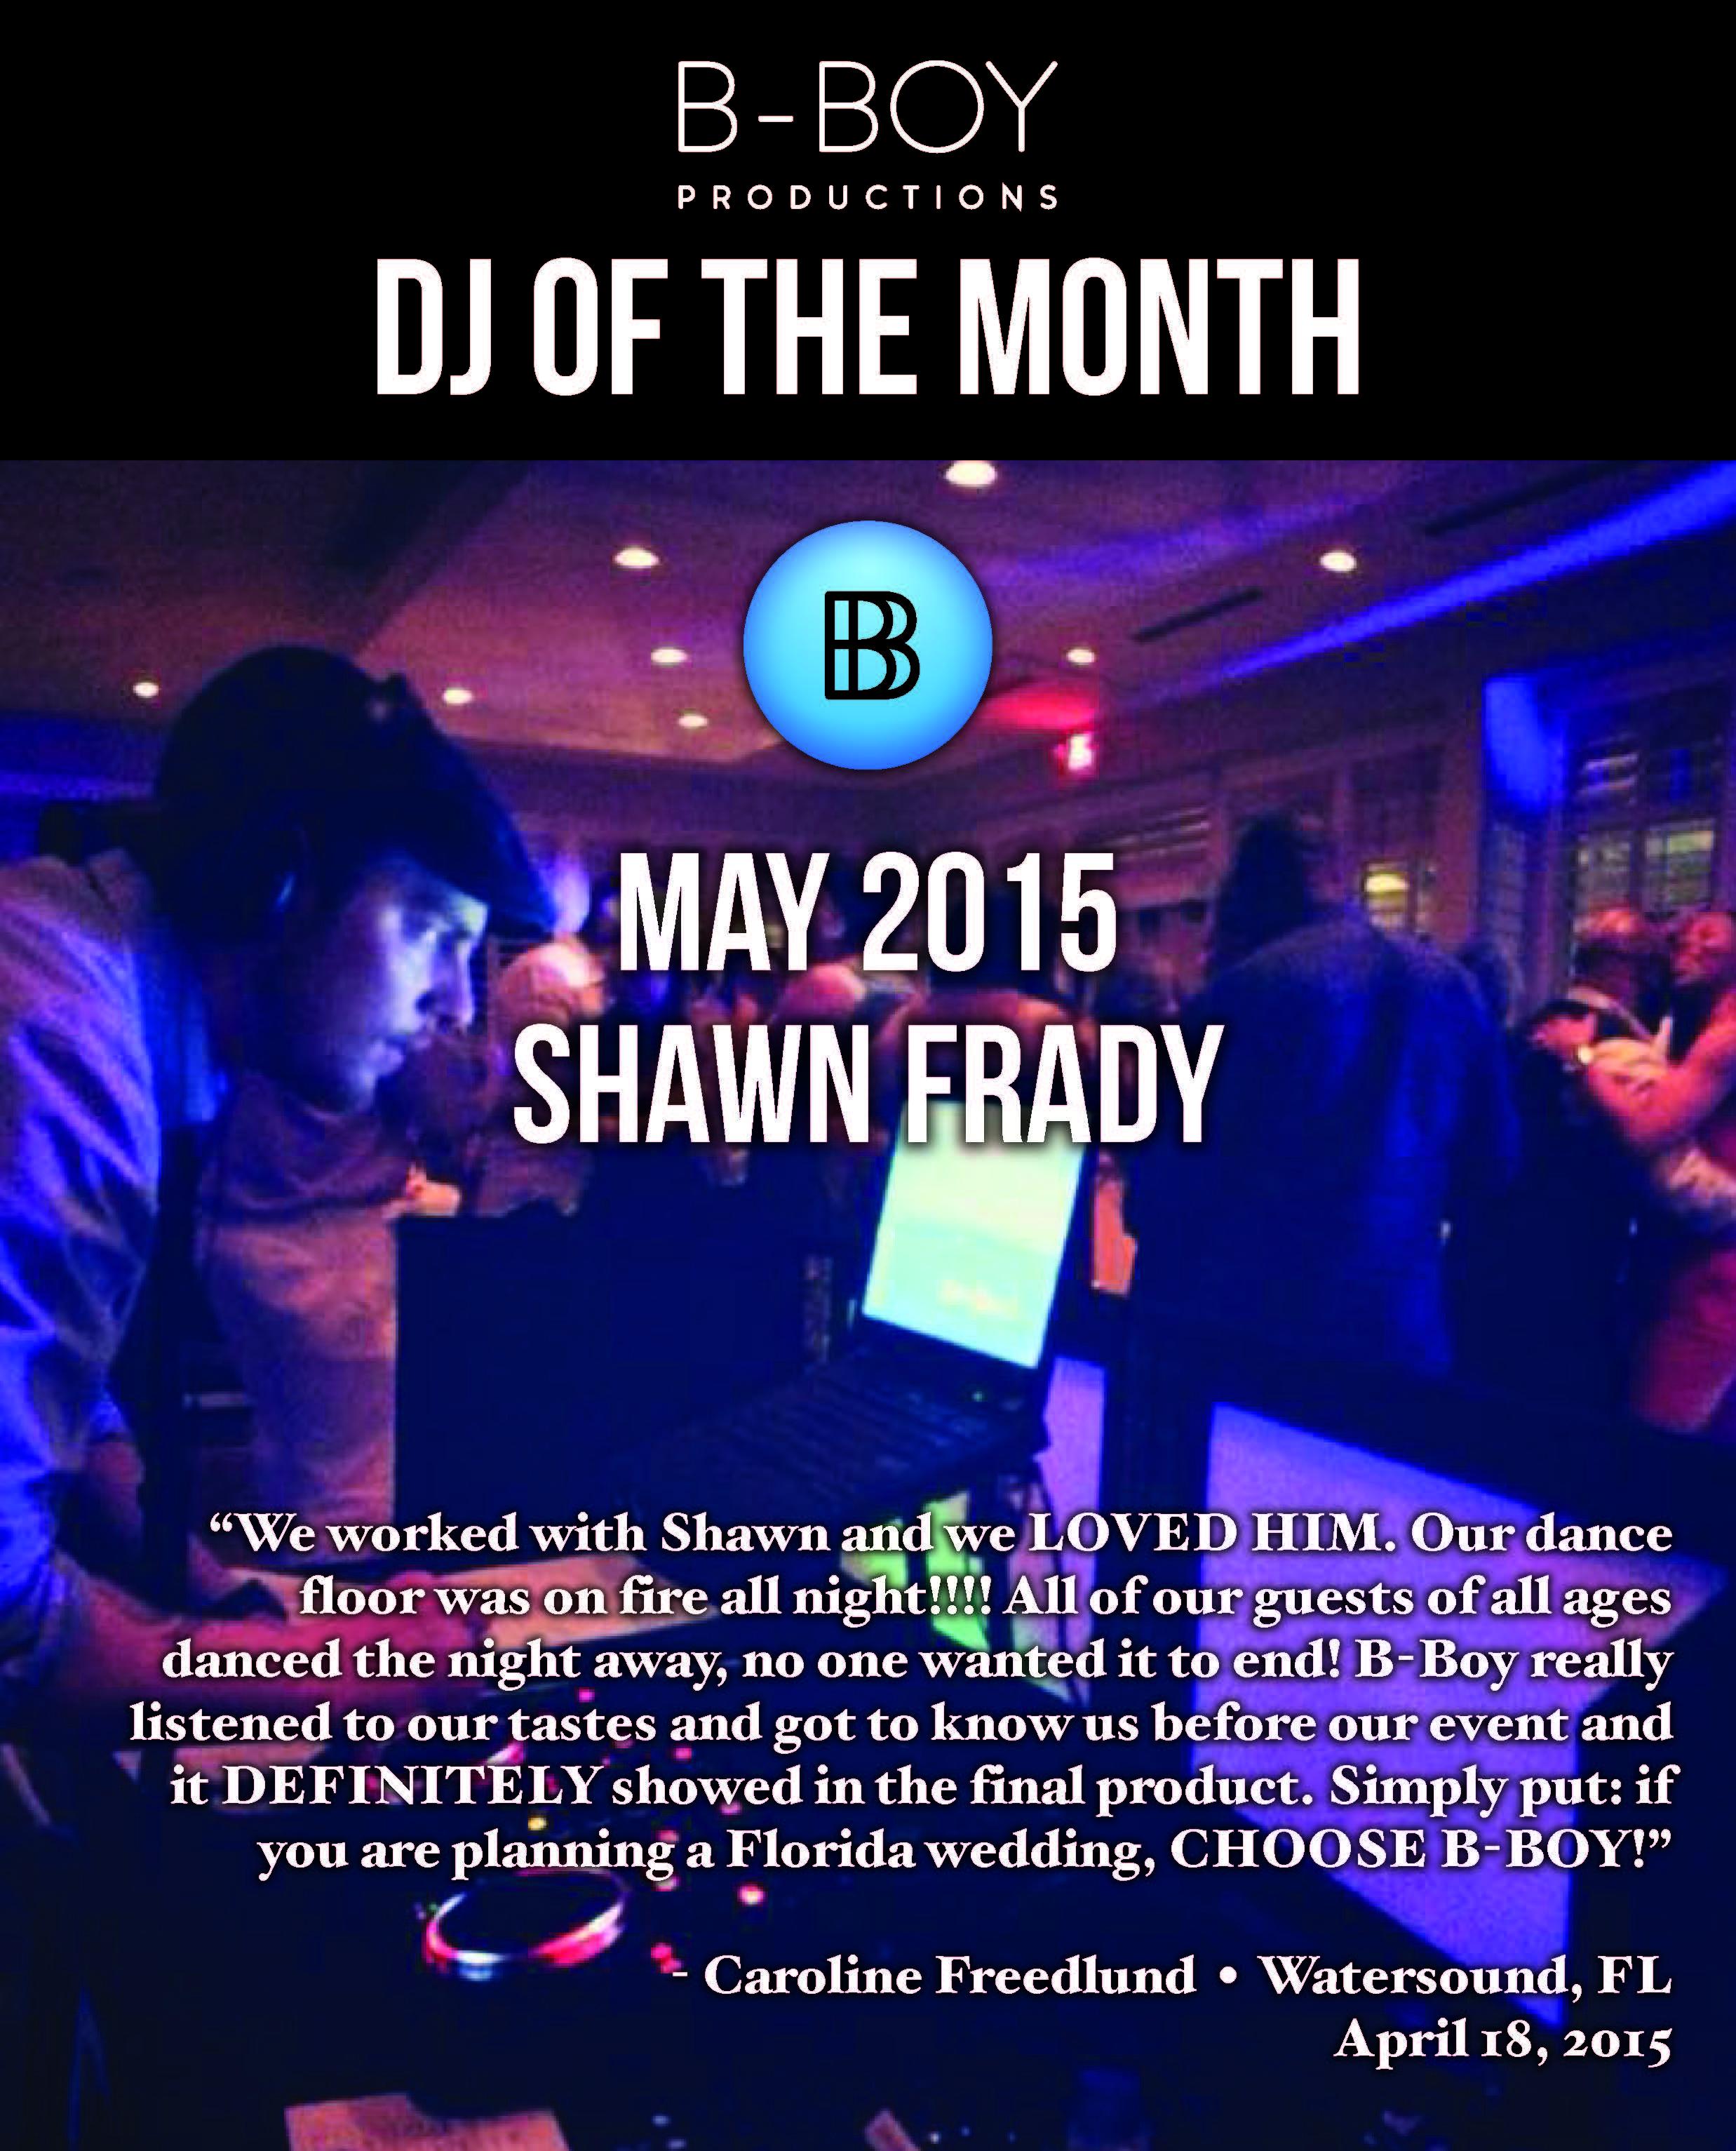 DJ Shawn Frady